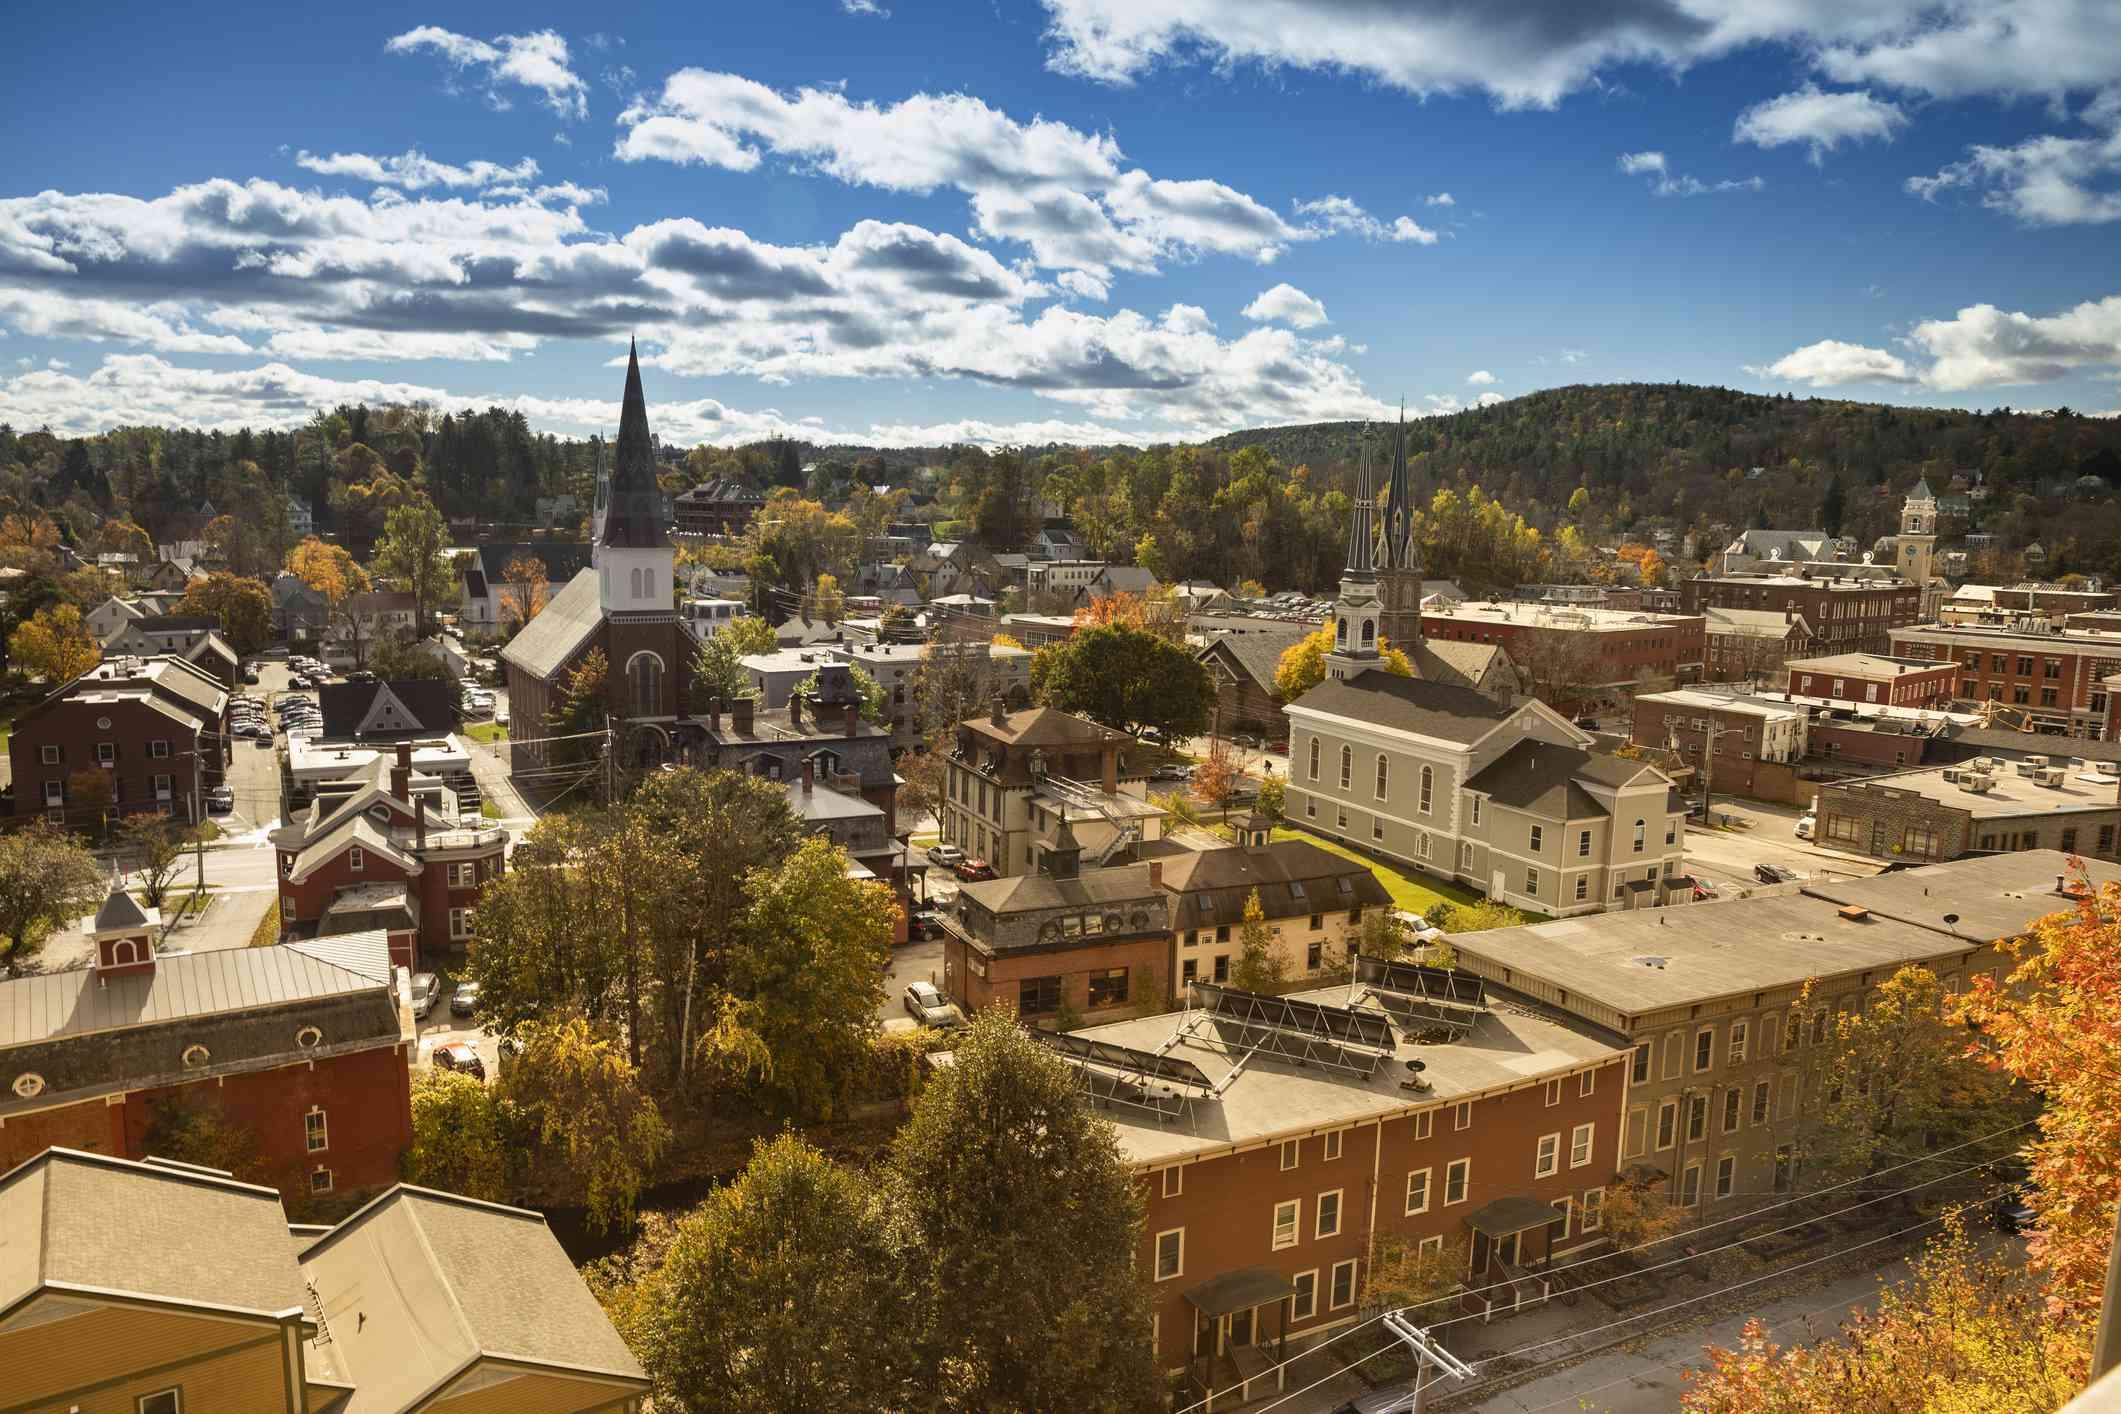 Downtown Montpelier, Vermont Skyline in Autumn